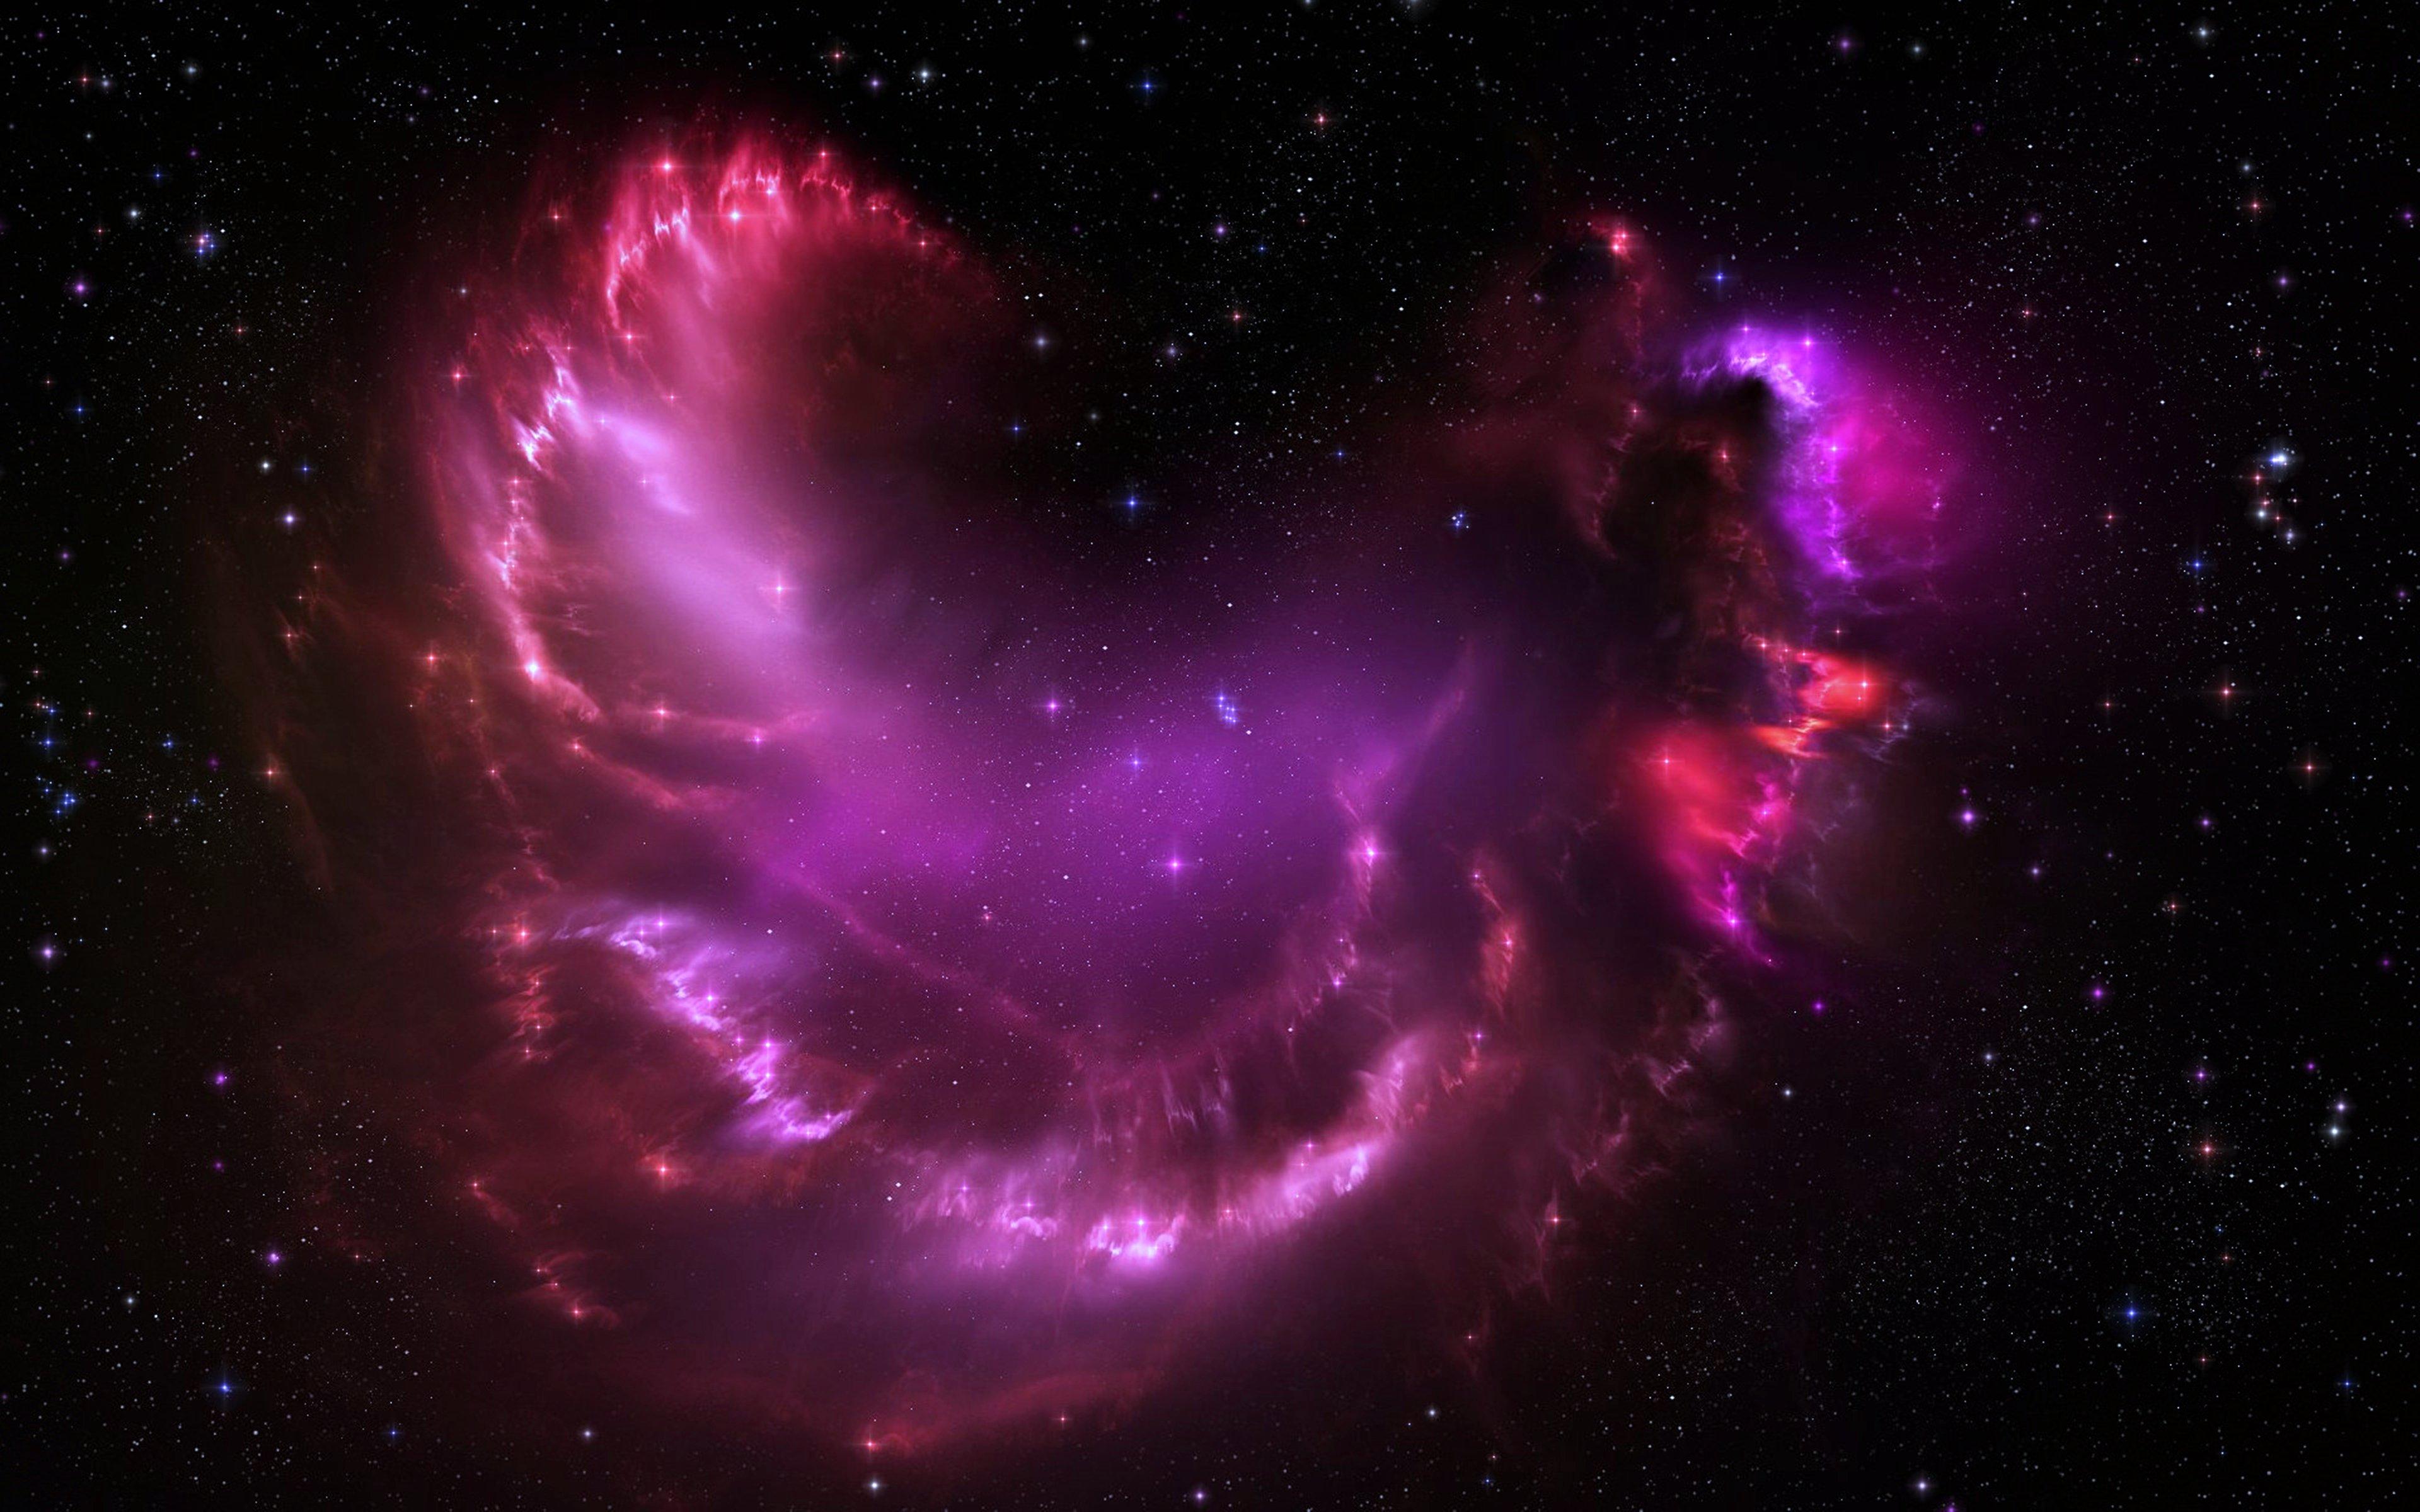 pink nebula galaxy space wallpaper - photo #41